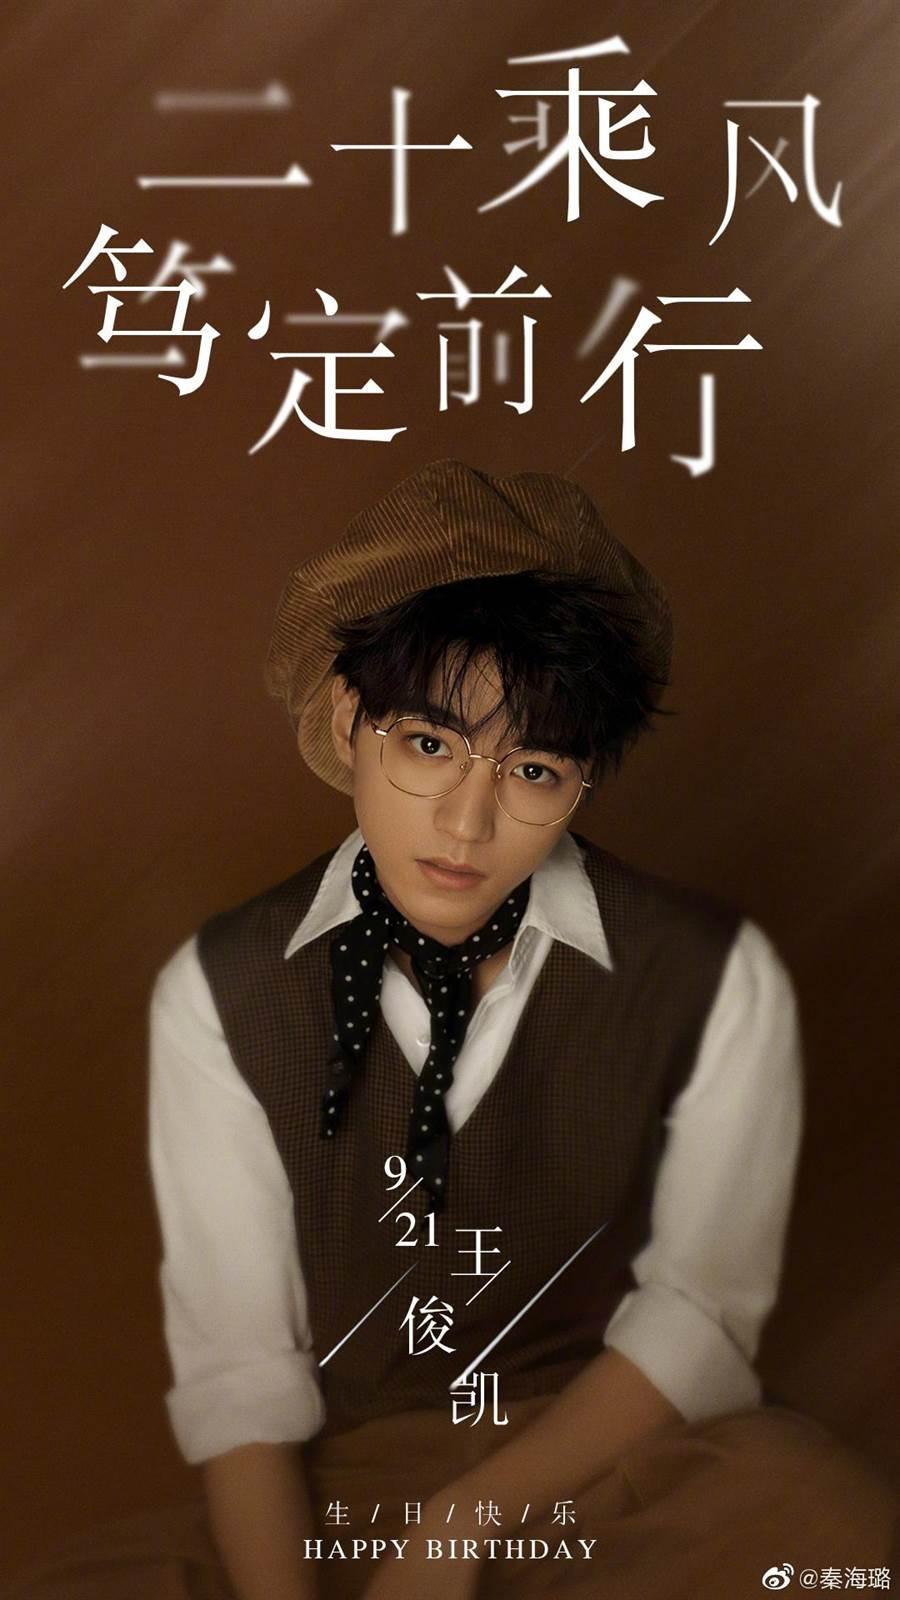 王俊凱20歲生日卡片。(取自新浪微博@秦海璐)